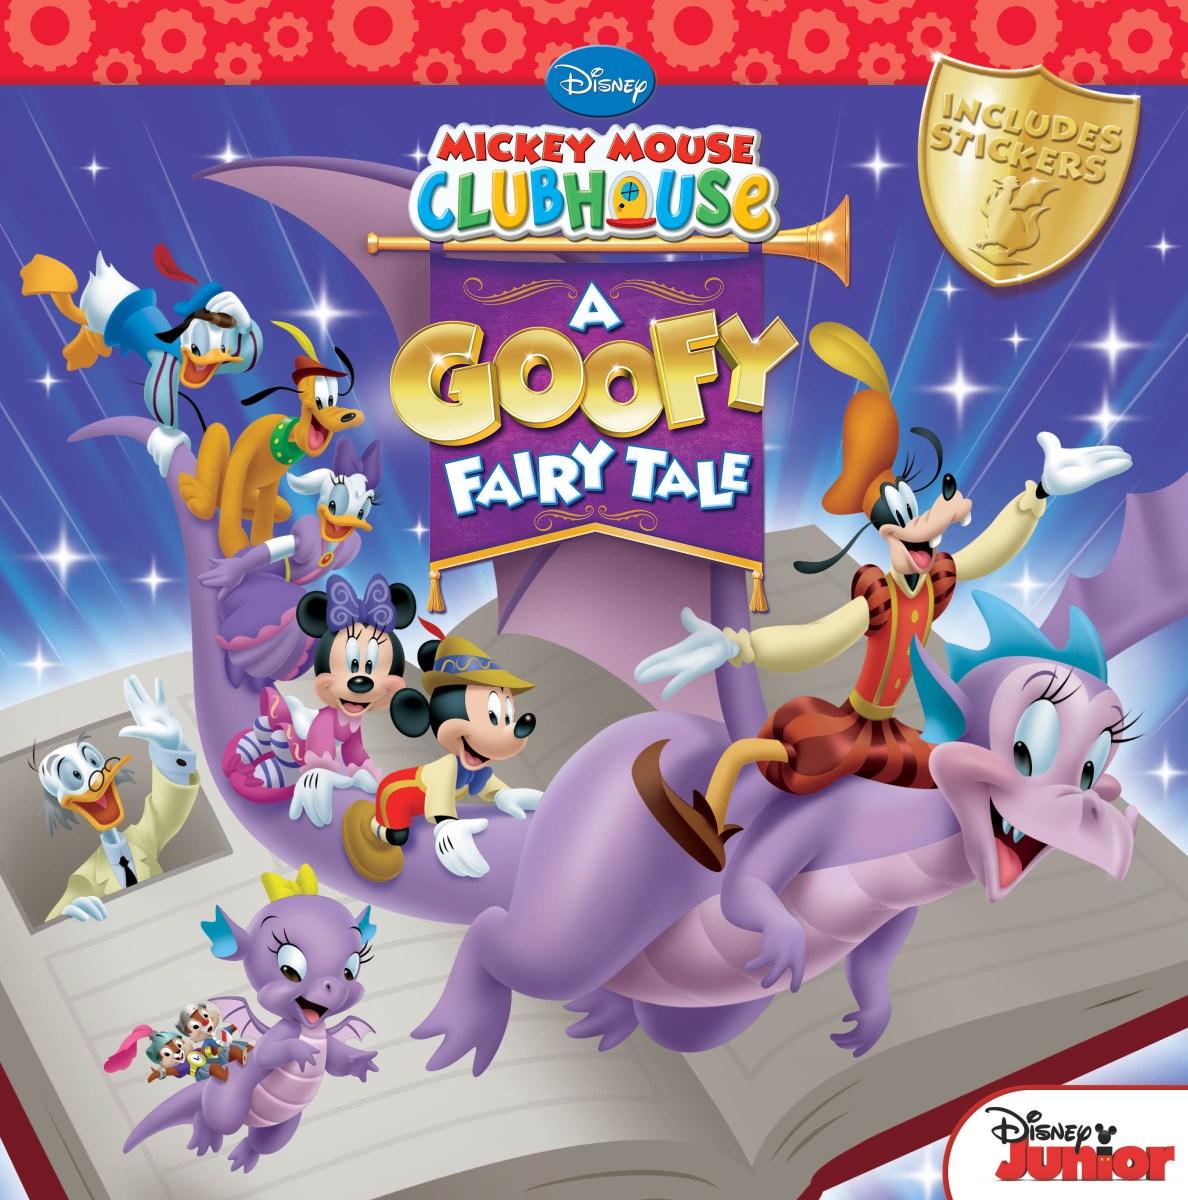 A Goofy Fairy Tale Disney Publishing Worldwide